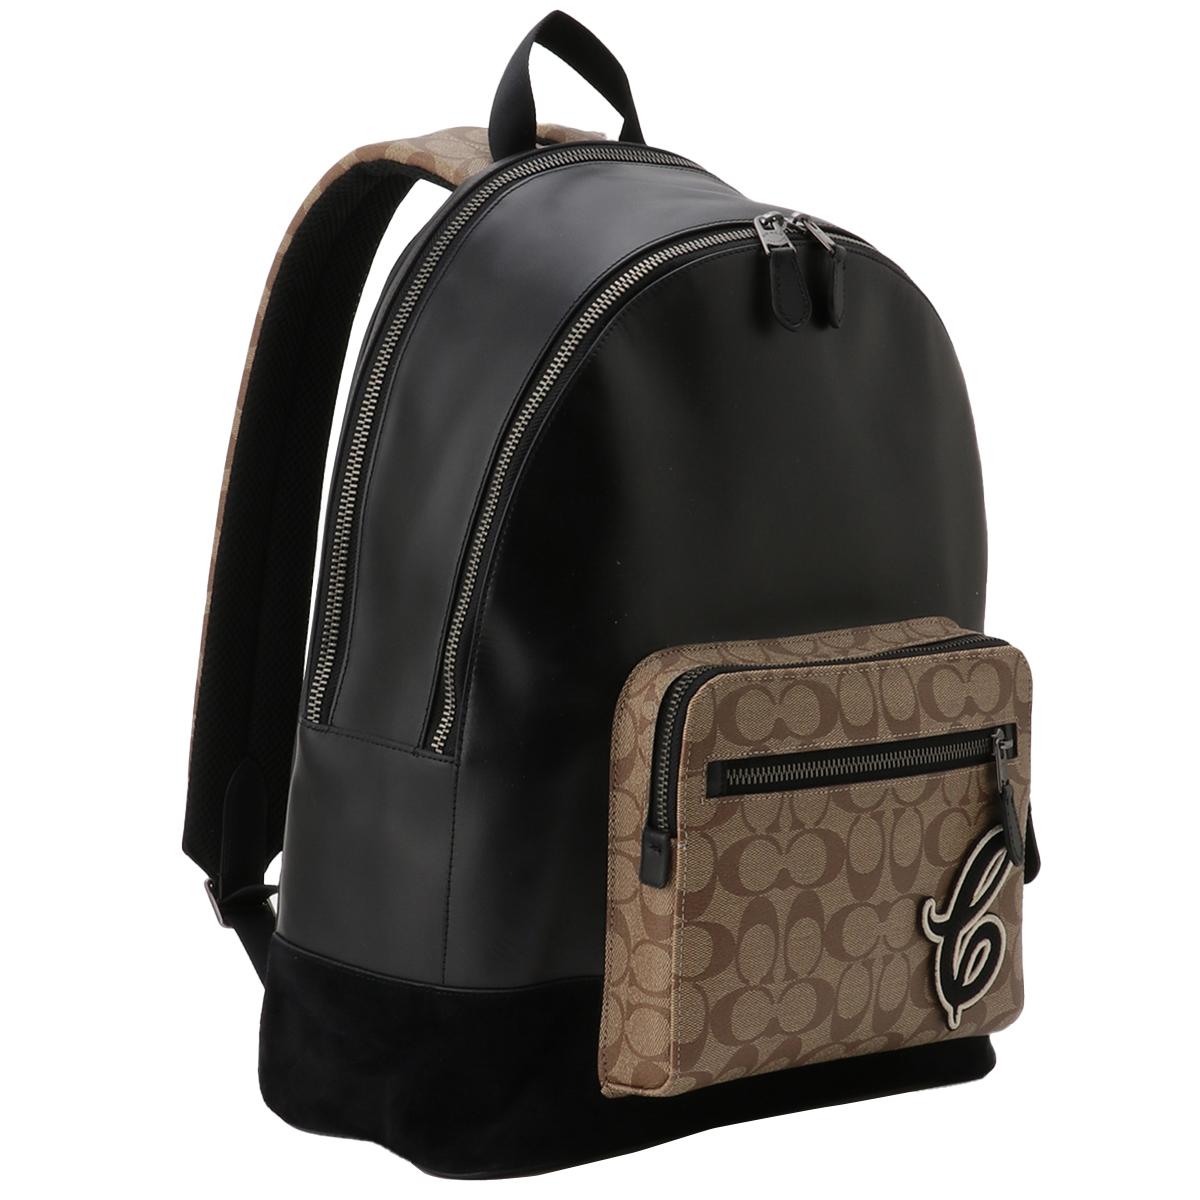 【即納】コーチ Coach ユニセックス バッグ バックパック・リュック【PVC Leather Backpack】QBTAL シグニチャー シグネチャー